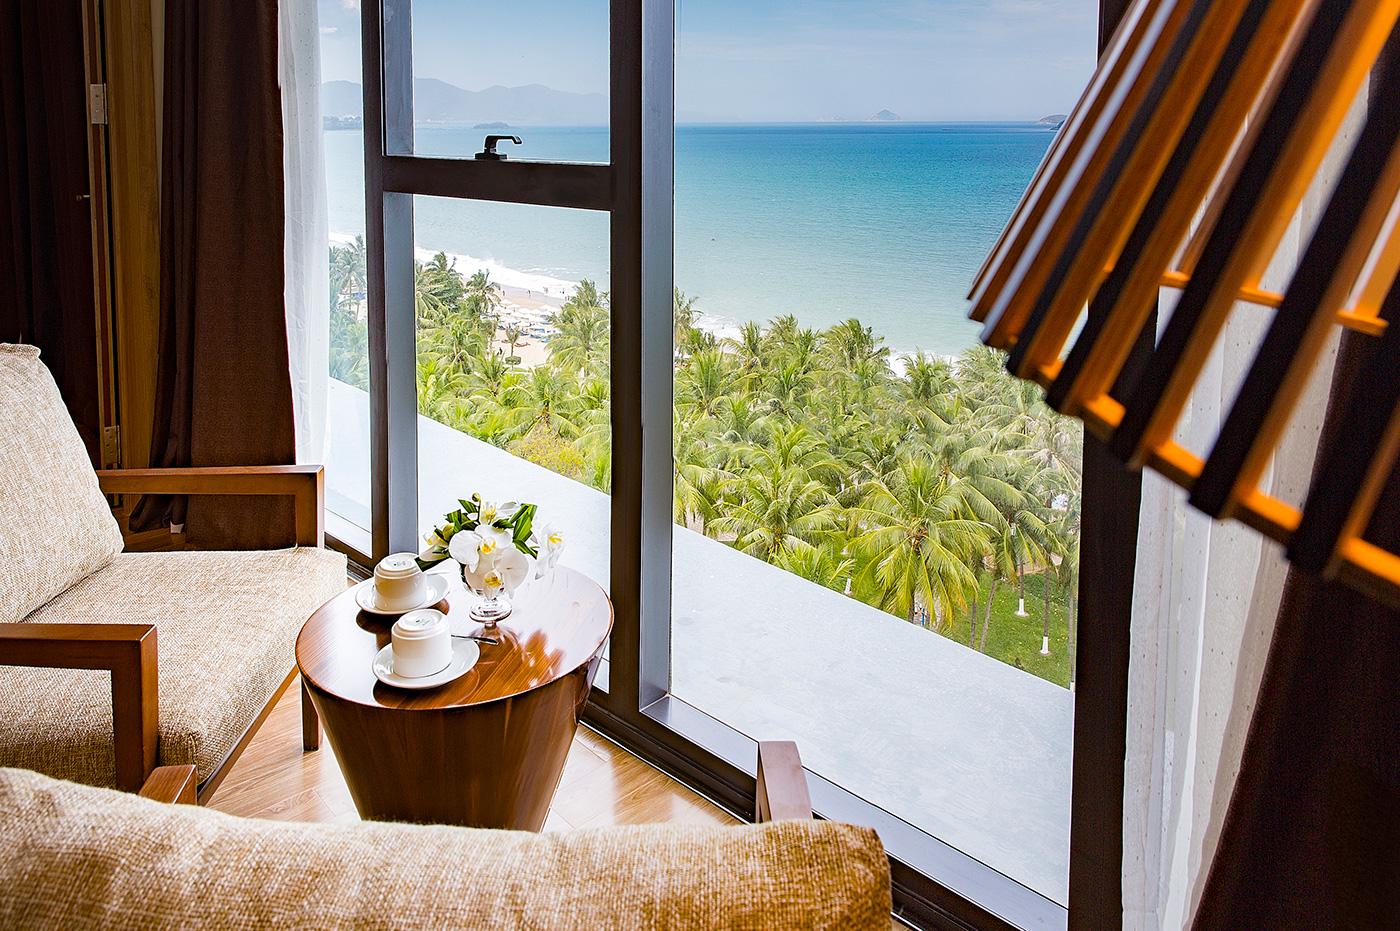 Premier-Deluxe-Twin-room_starcity_hotel_room